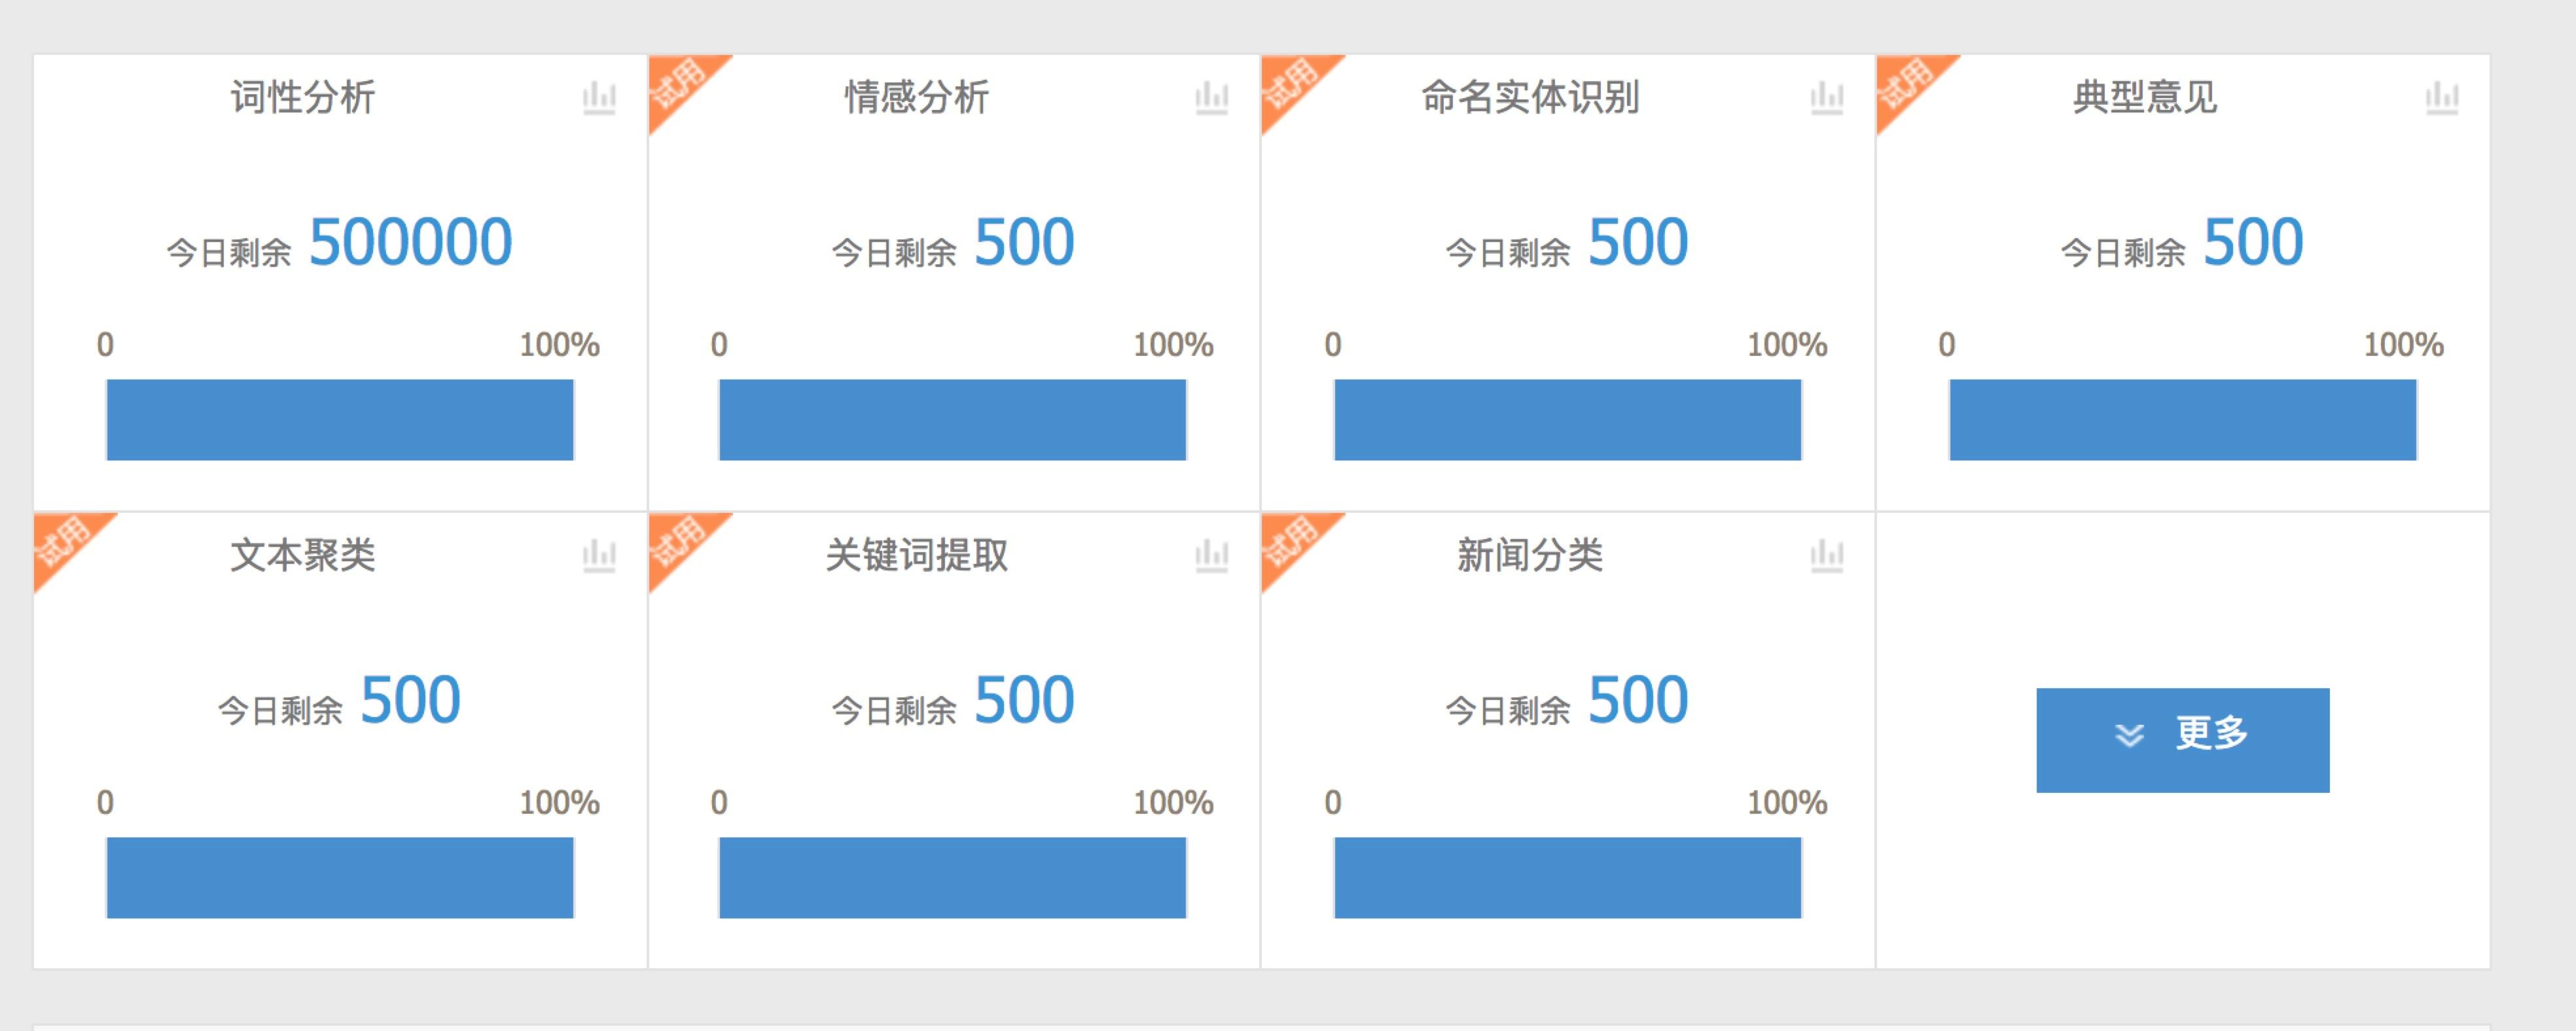 干货 | 史上最全中文分词工具整理